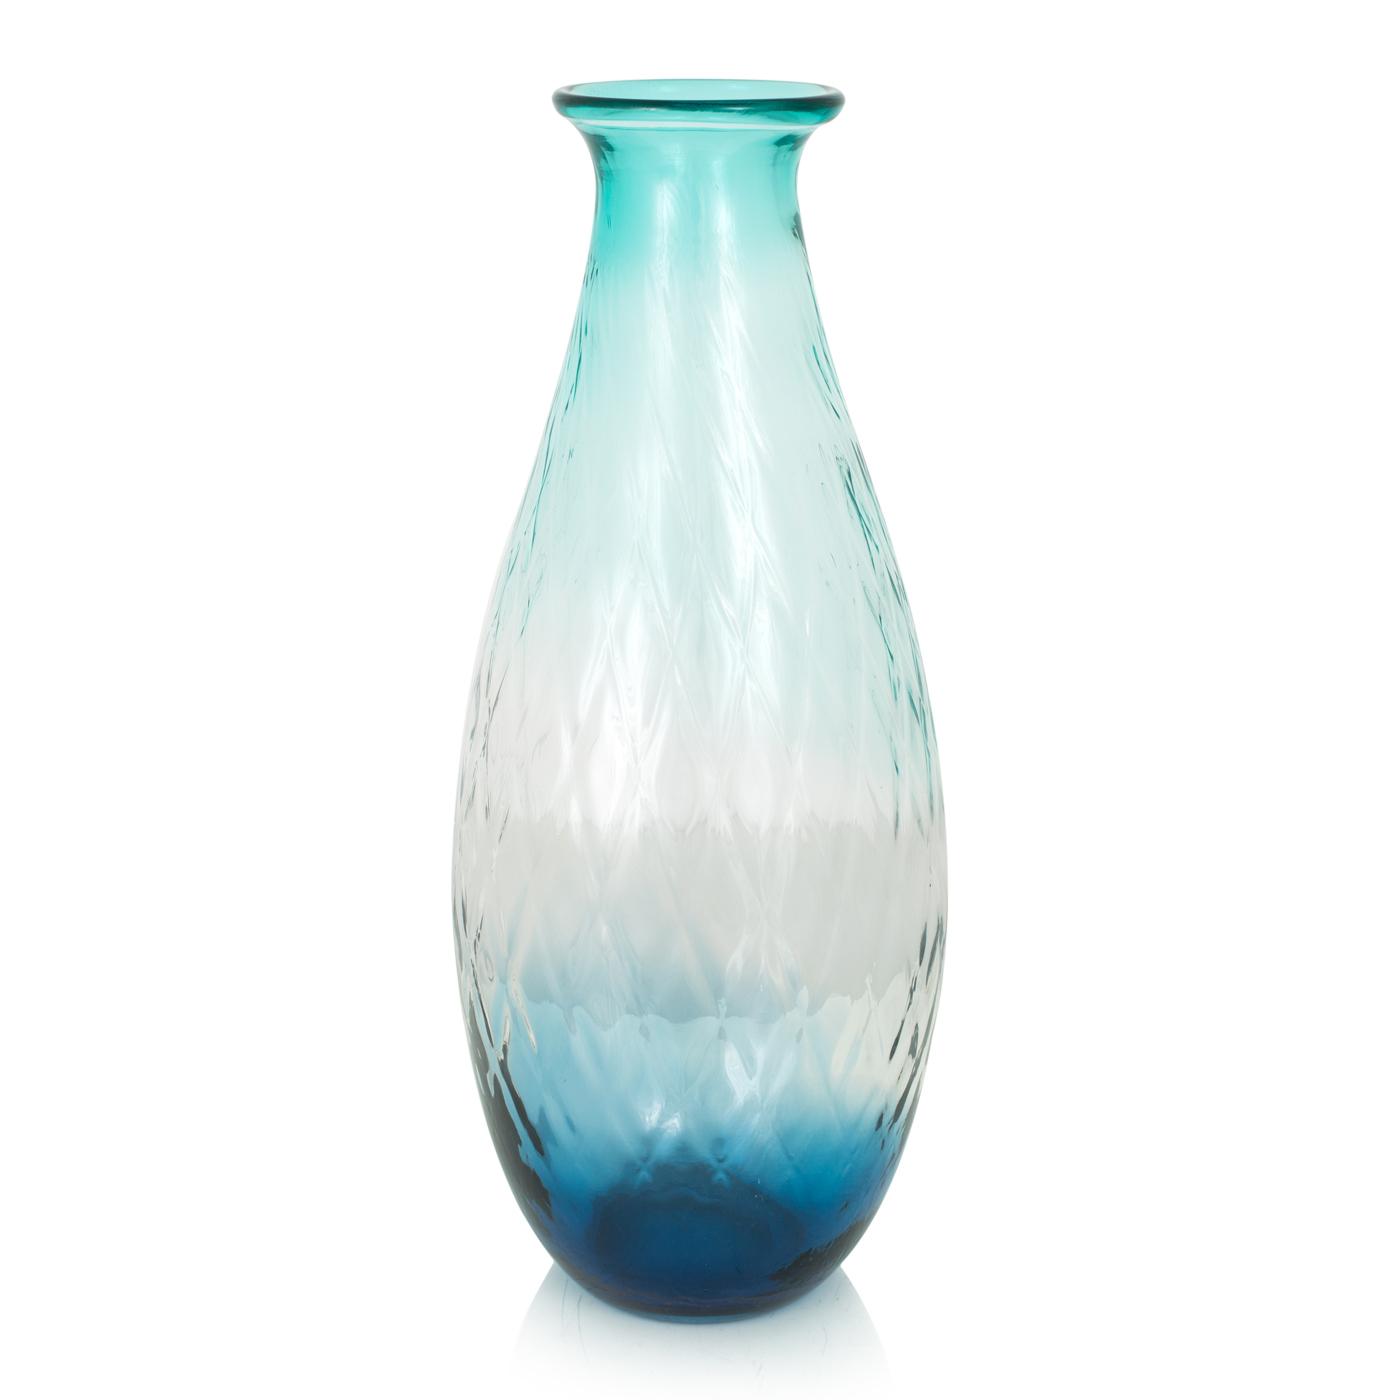 {} Home Philosophy Ваза Alvarez Цвет: Сине-Бирюзовый (16х16х43 см) home philosophy ваза mariana цвет молочный набор